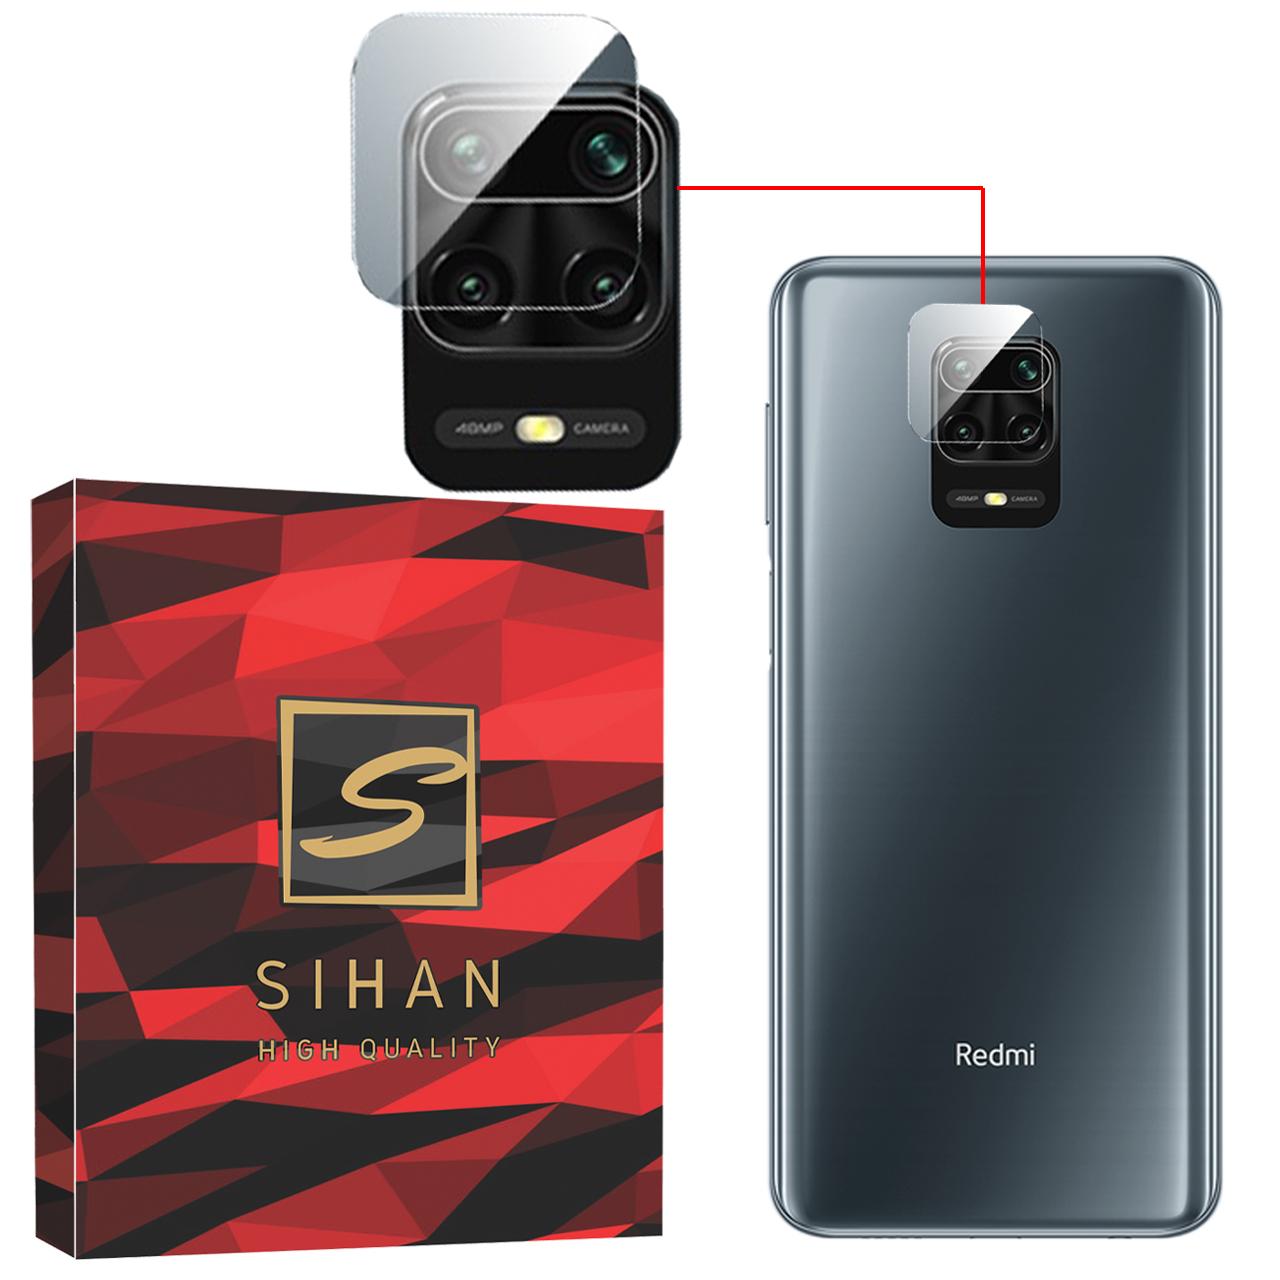 محافظ لنز دوربین سیحان مدل GLP مناسب برای گوشی موبایل شیائومی Redmi Note 9s              ( قیمت و خرید)